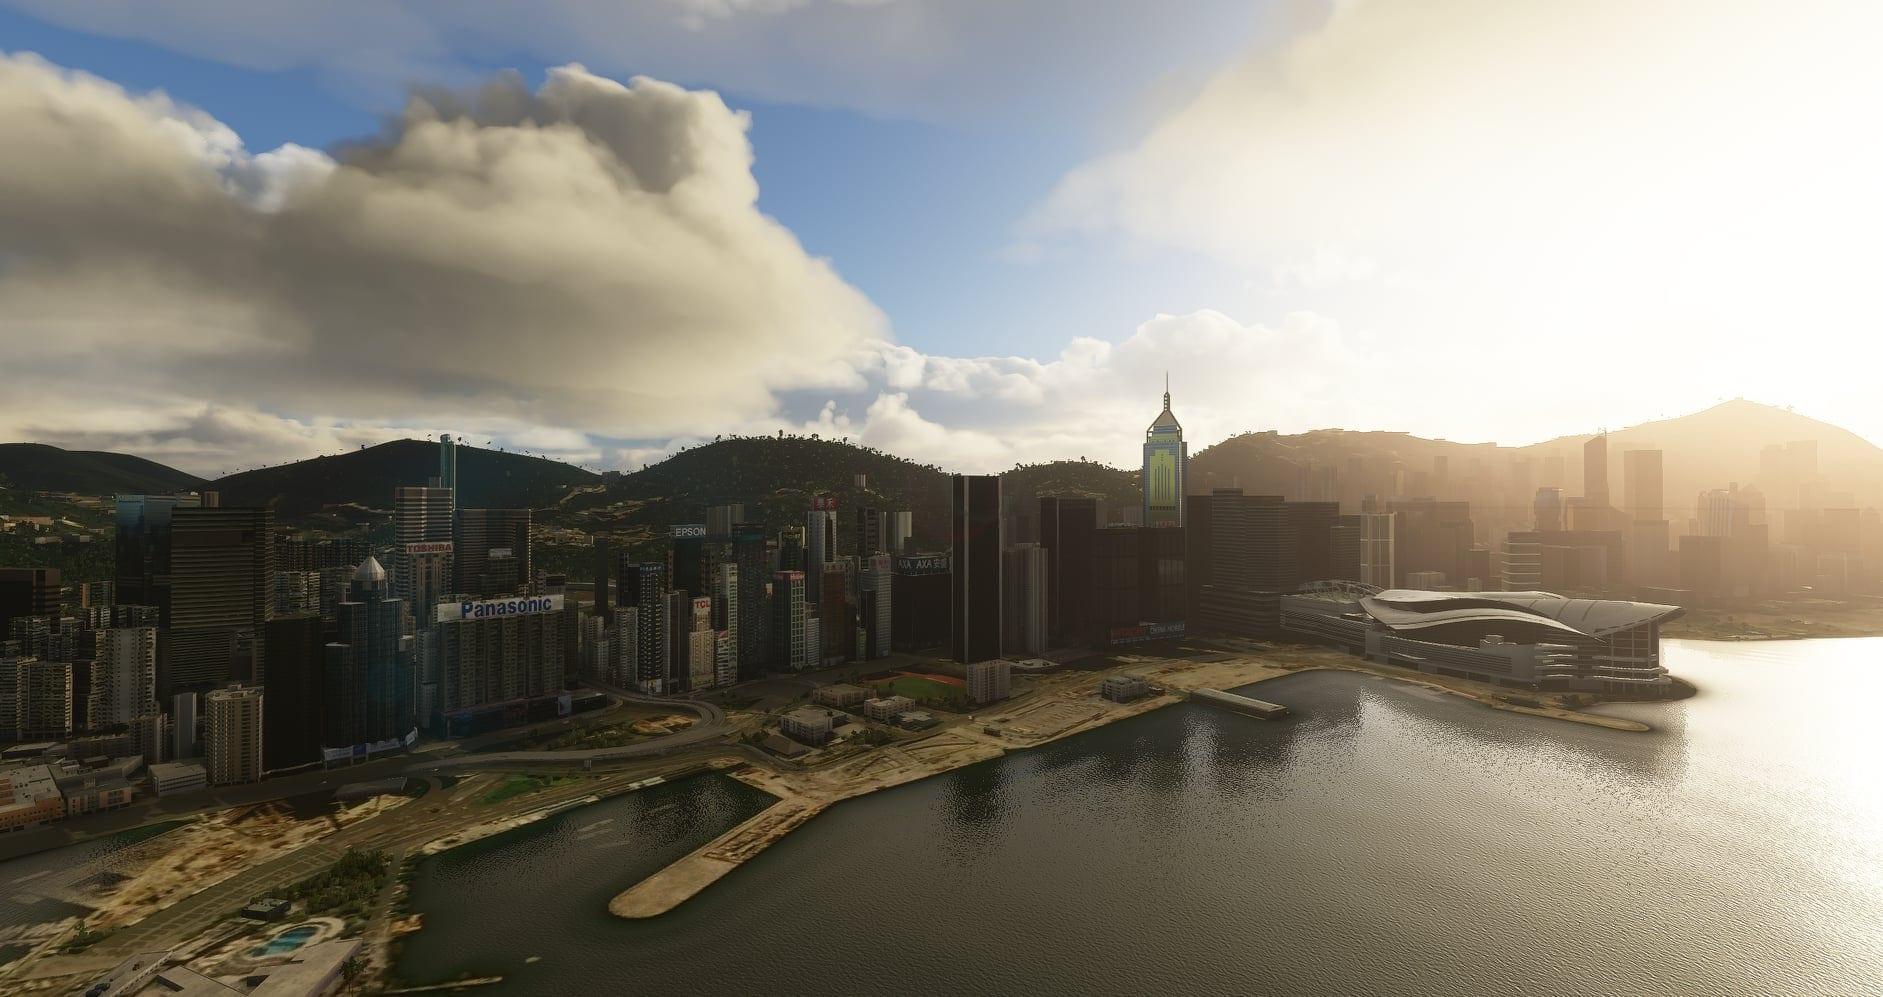 Анонс нового платного городского дополнения в виде Гонконга для Microsoft Flight Simulator